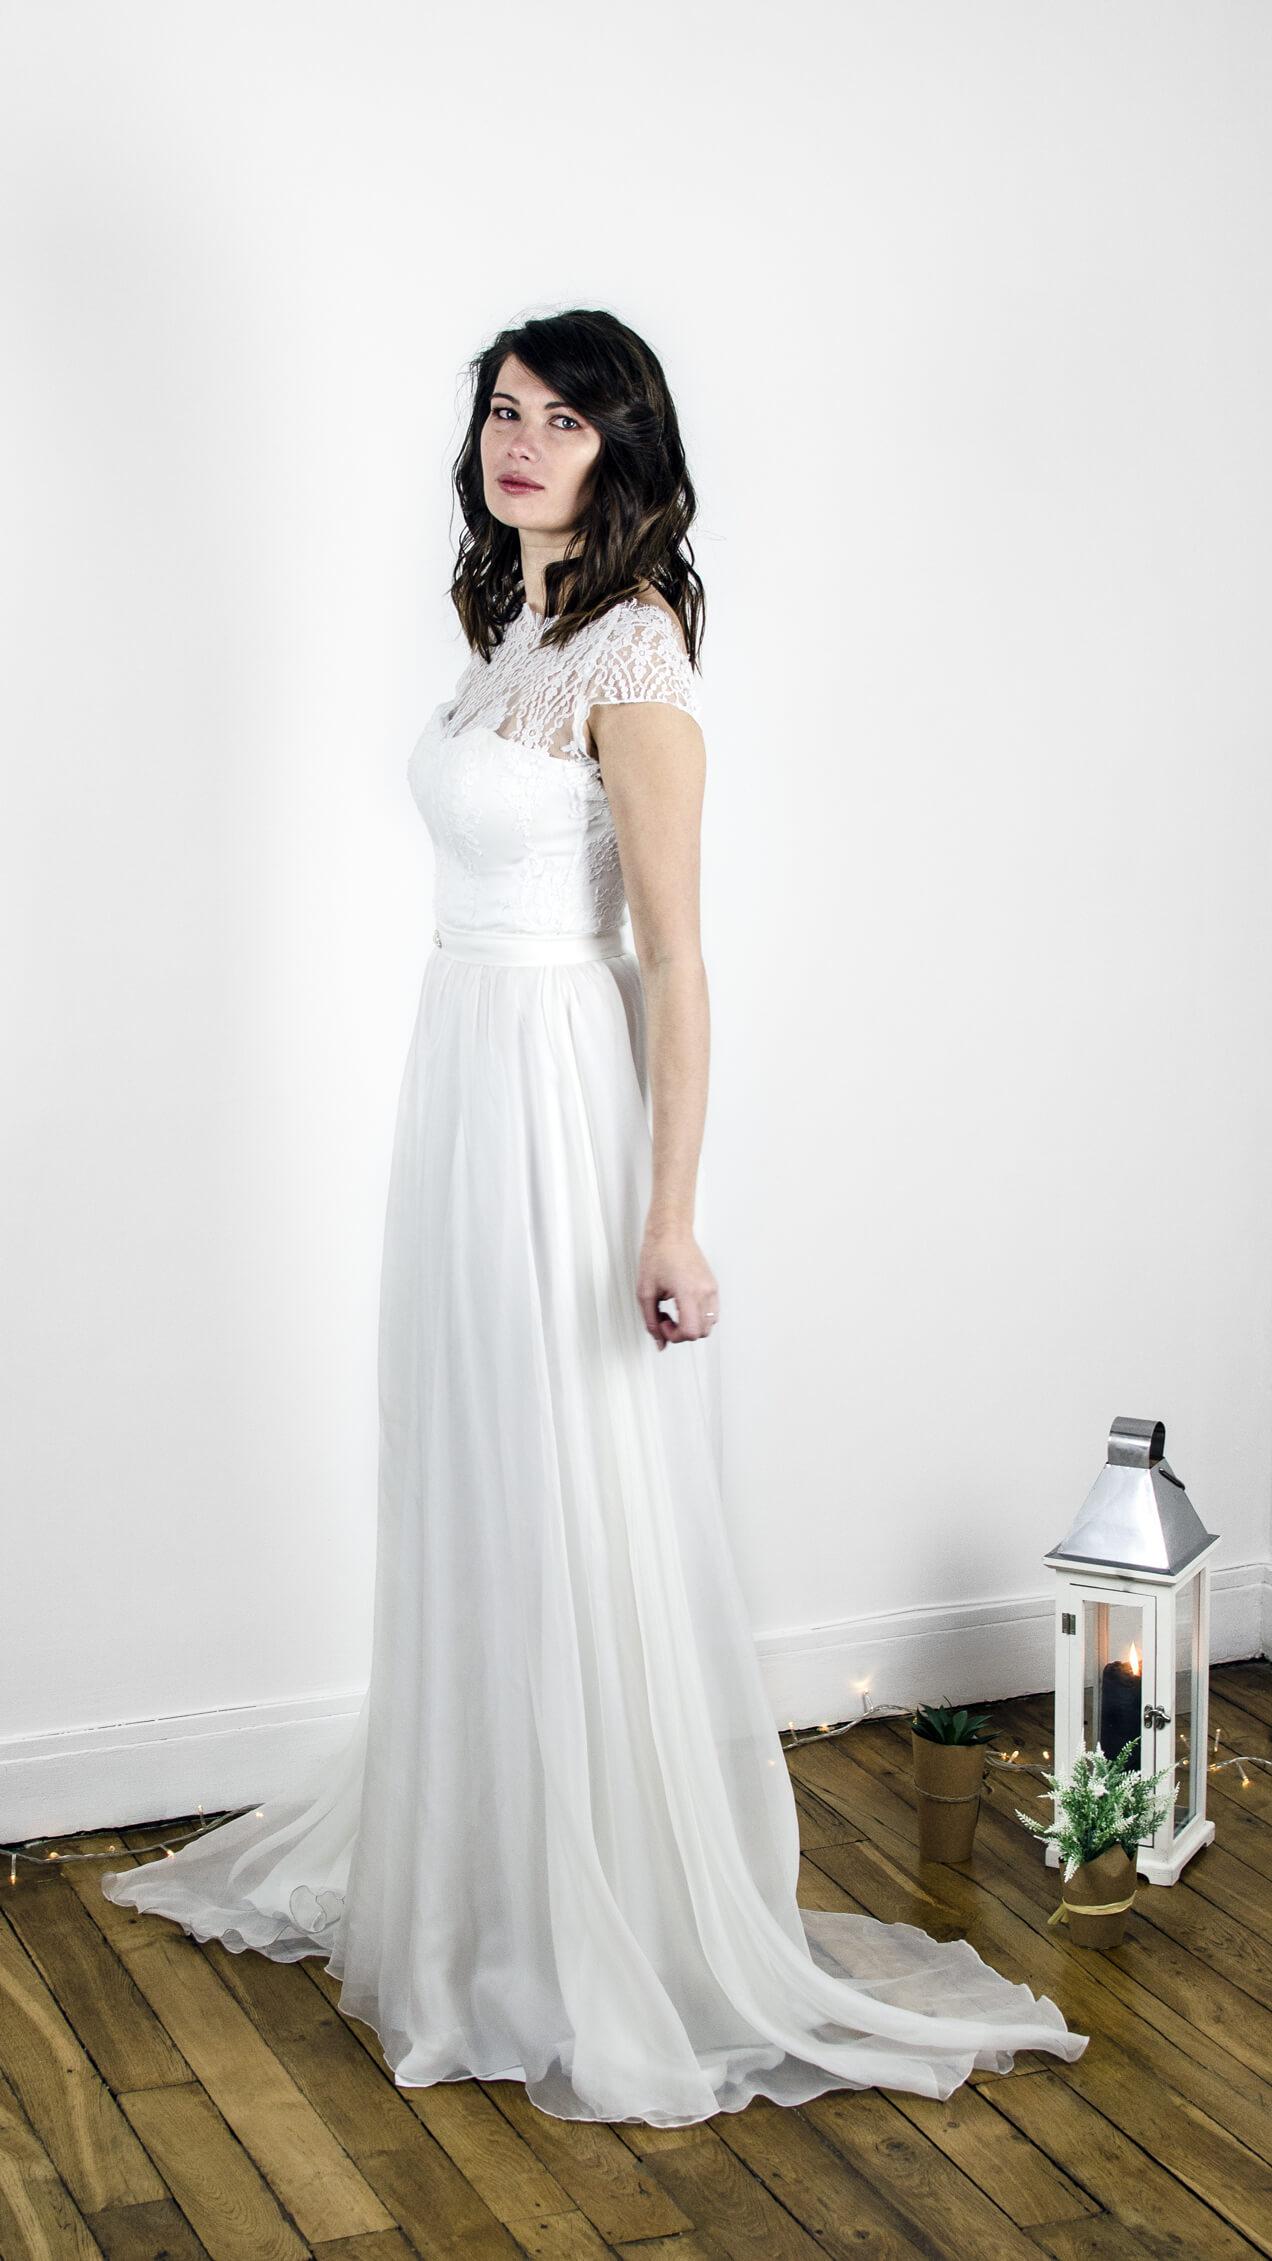 robe de mariée bohème, fluide, dentelle